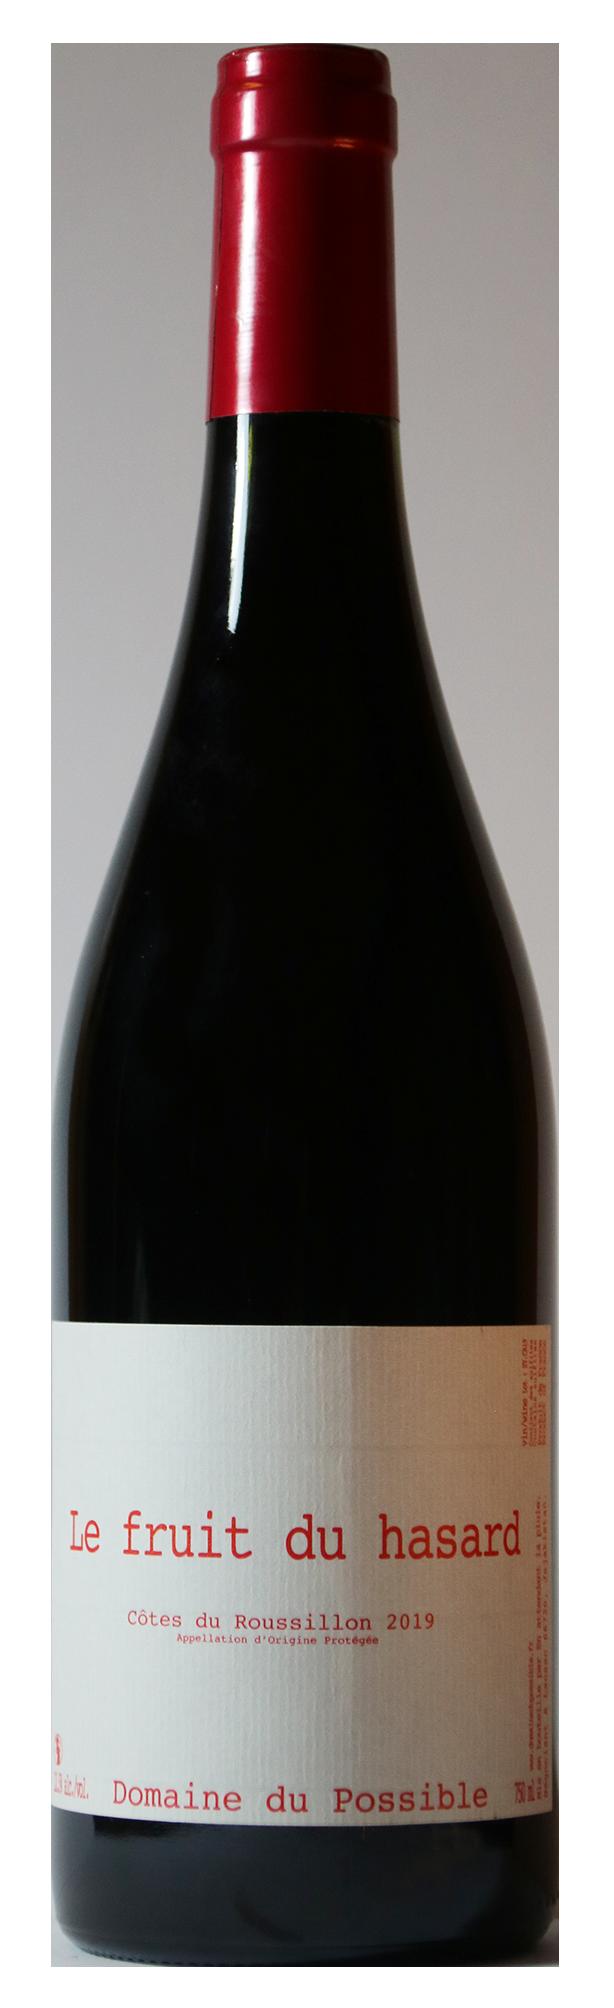 Bouteille de vin rouge naturel, cuvée Le Fruit du Hasard 2019 Domaine du Possible